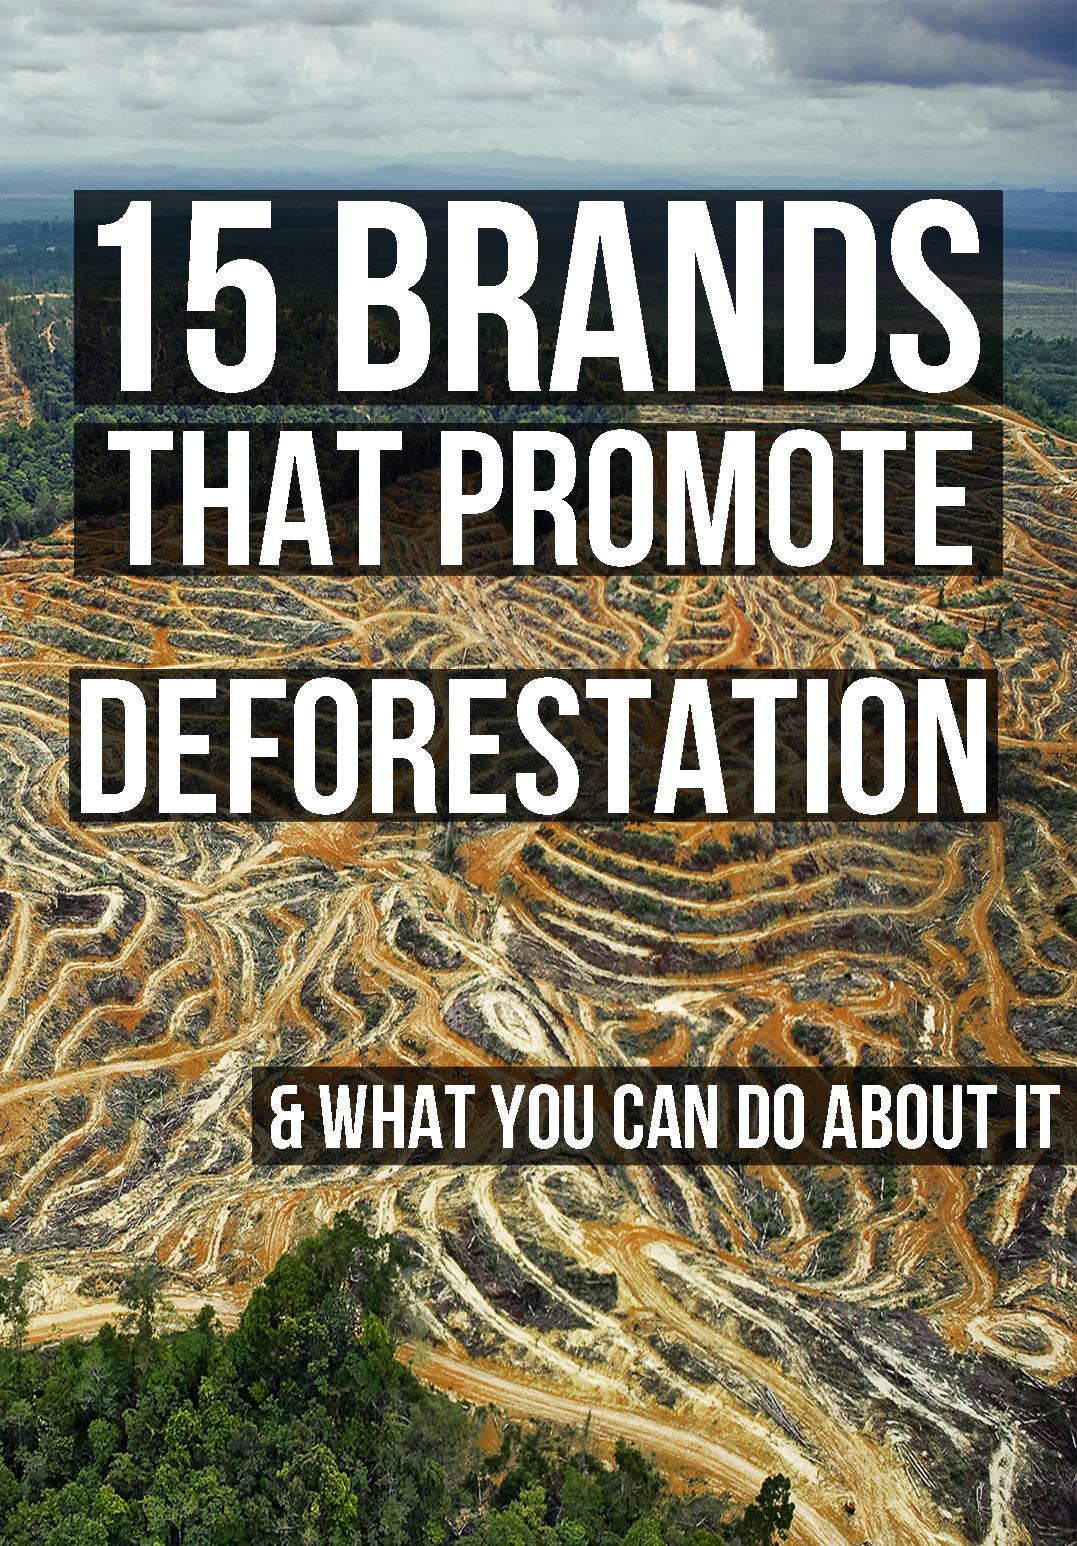 deforestation, ethical fashion, ralph laurent, forever 21, michael kors deforestation, boycott ralph lauren